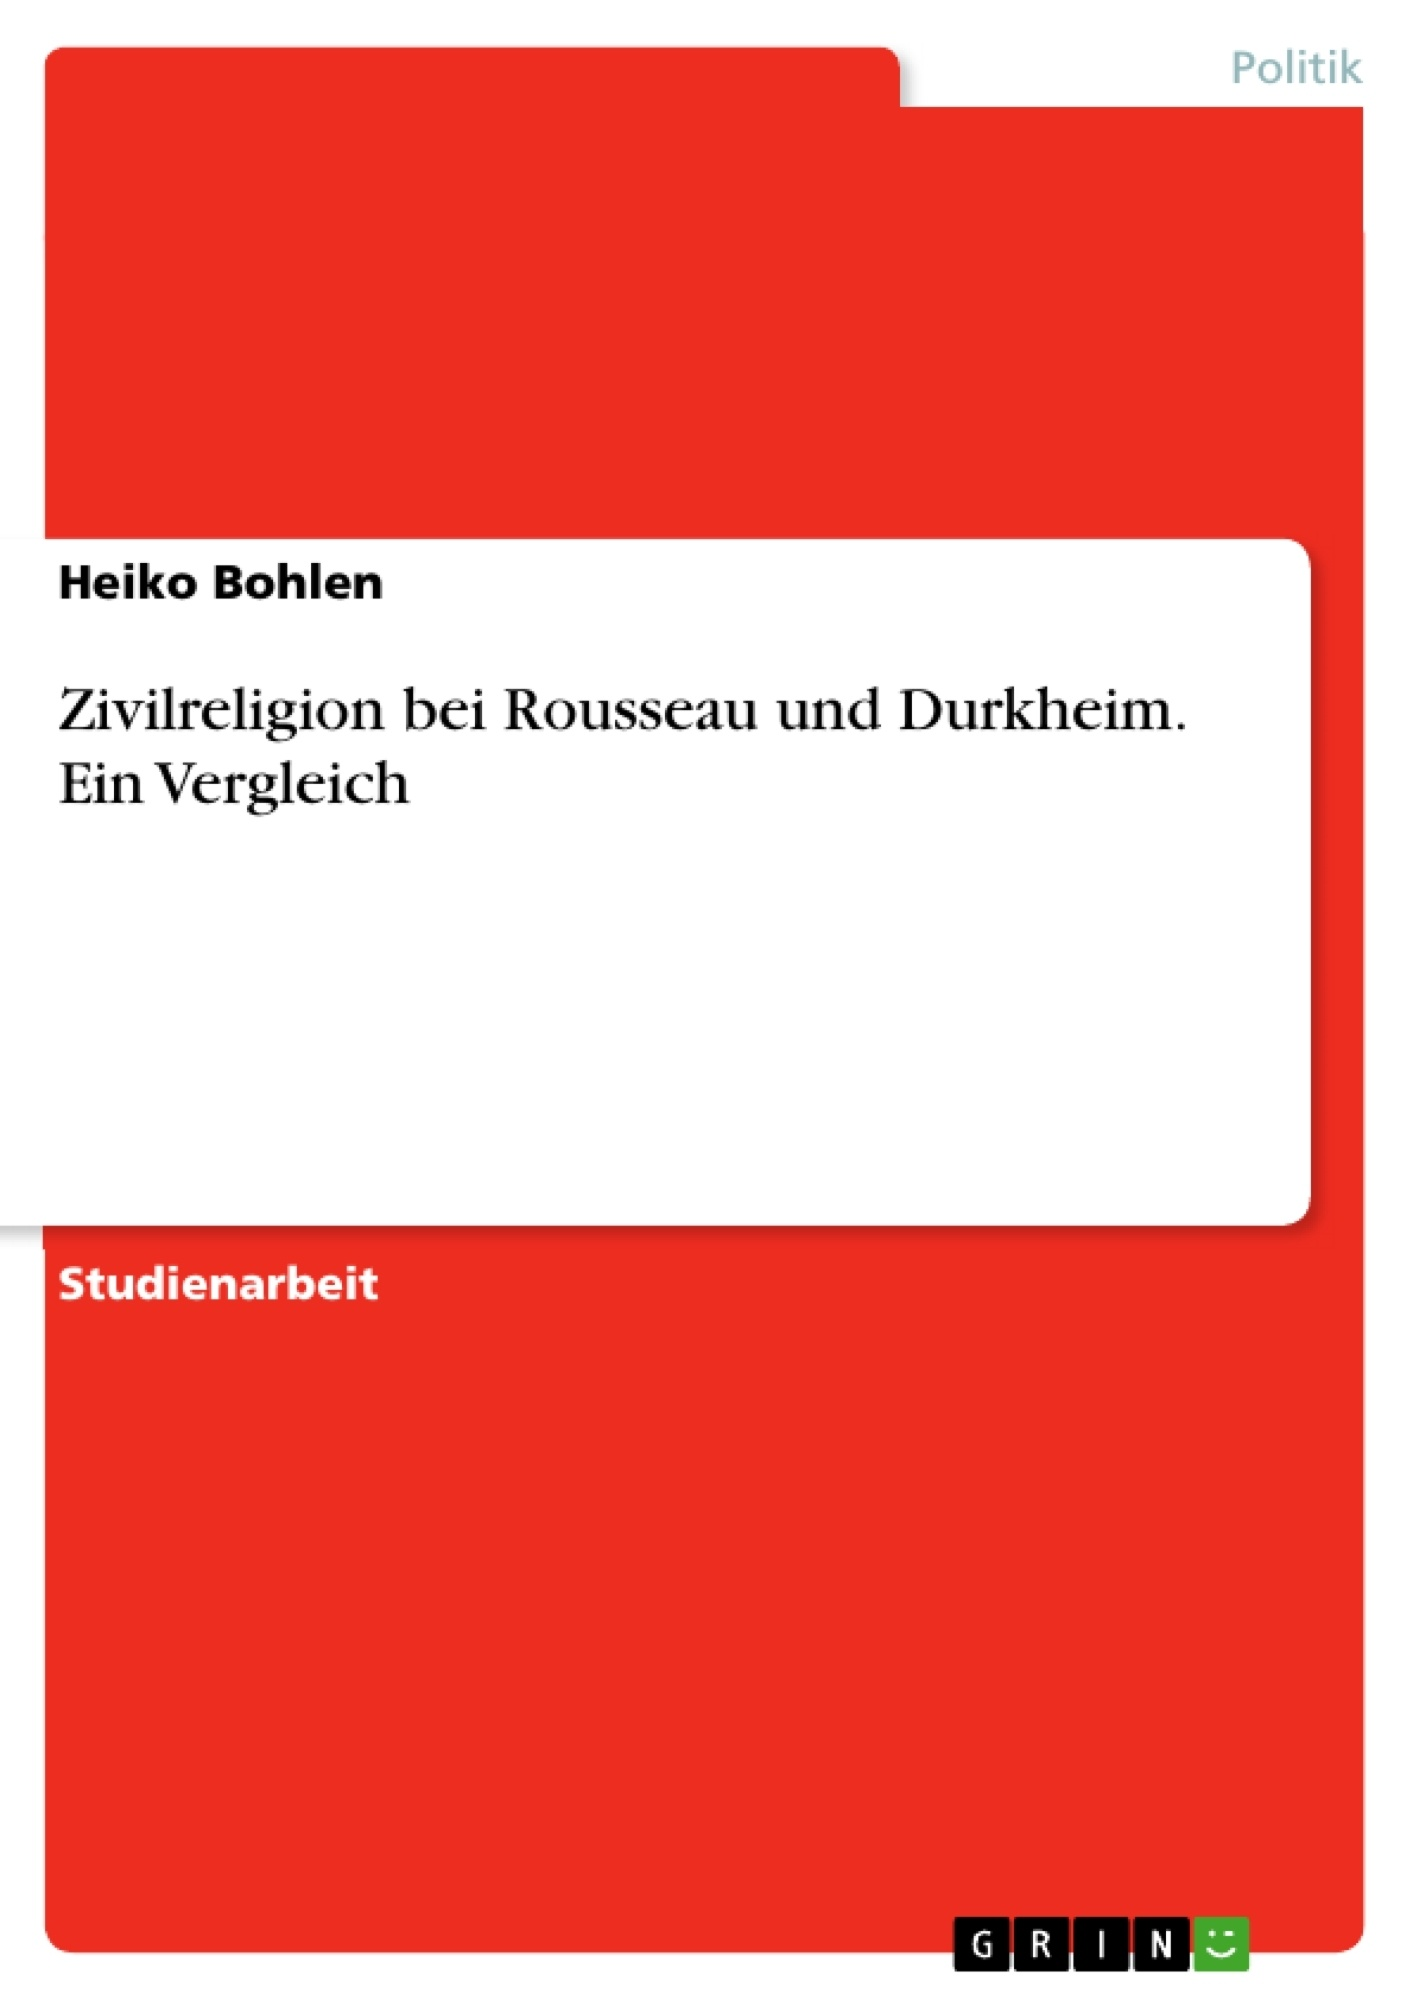 Titel: Zivilreligion bei Rousseau und Durkheim. Ein Vergleich